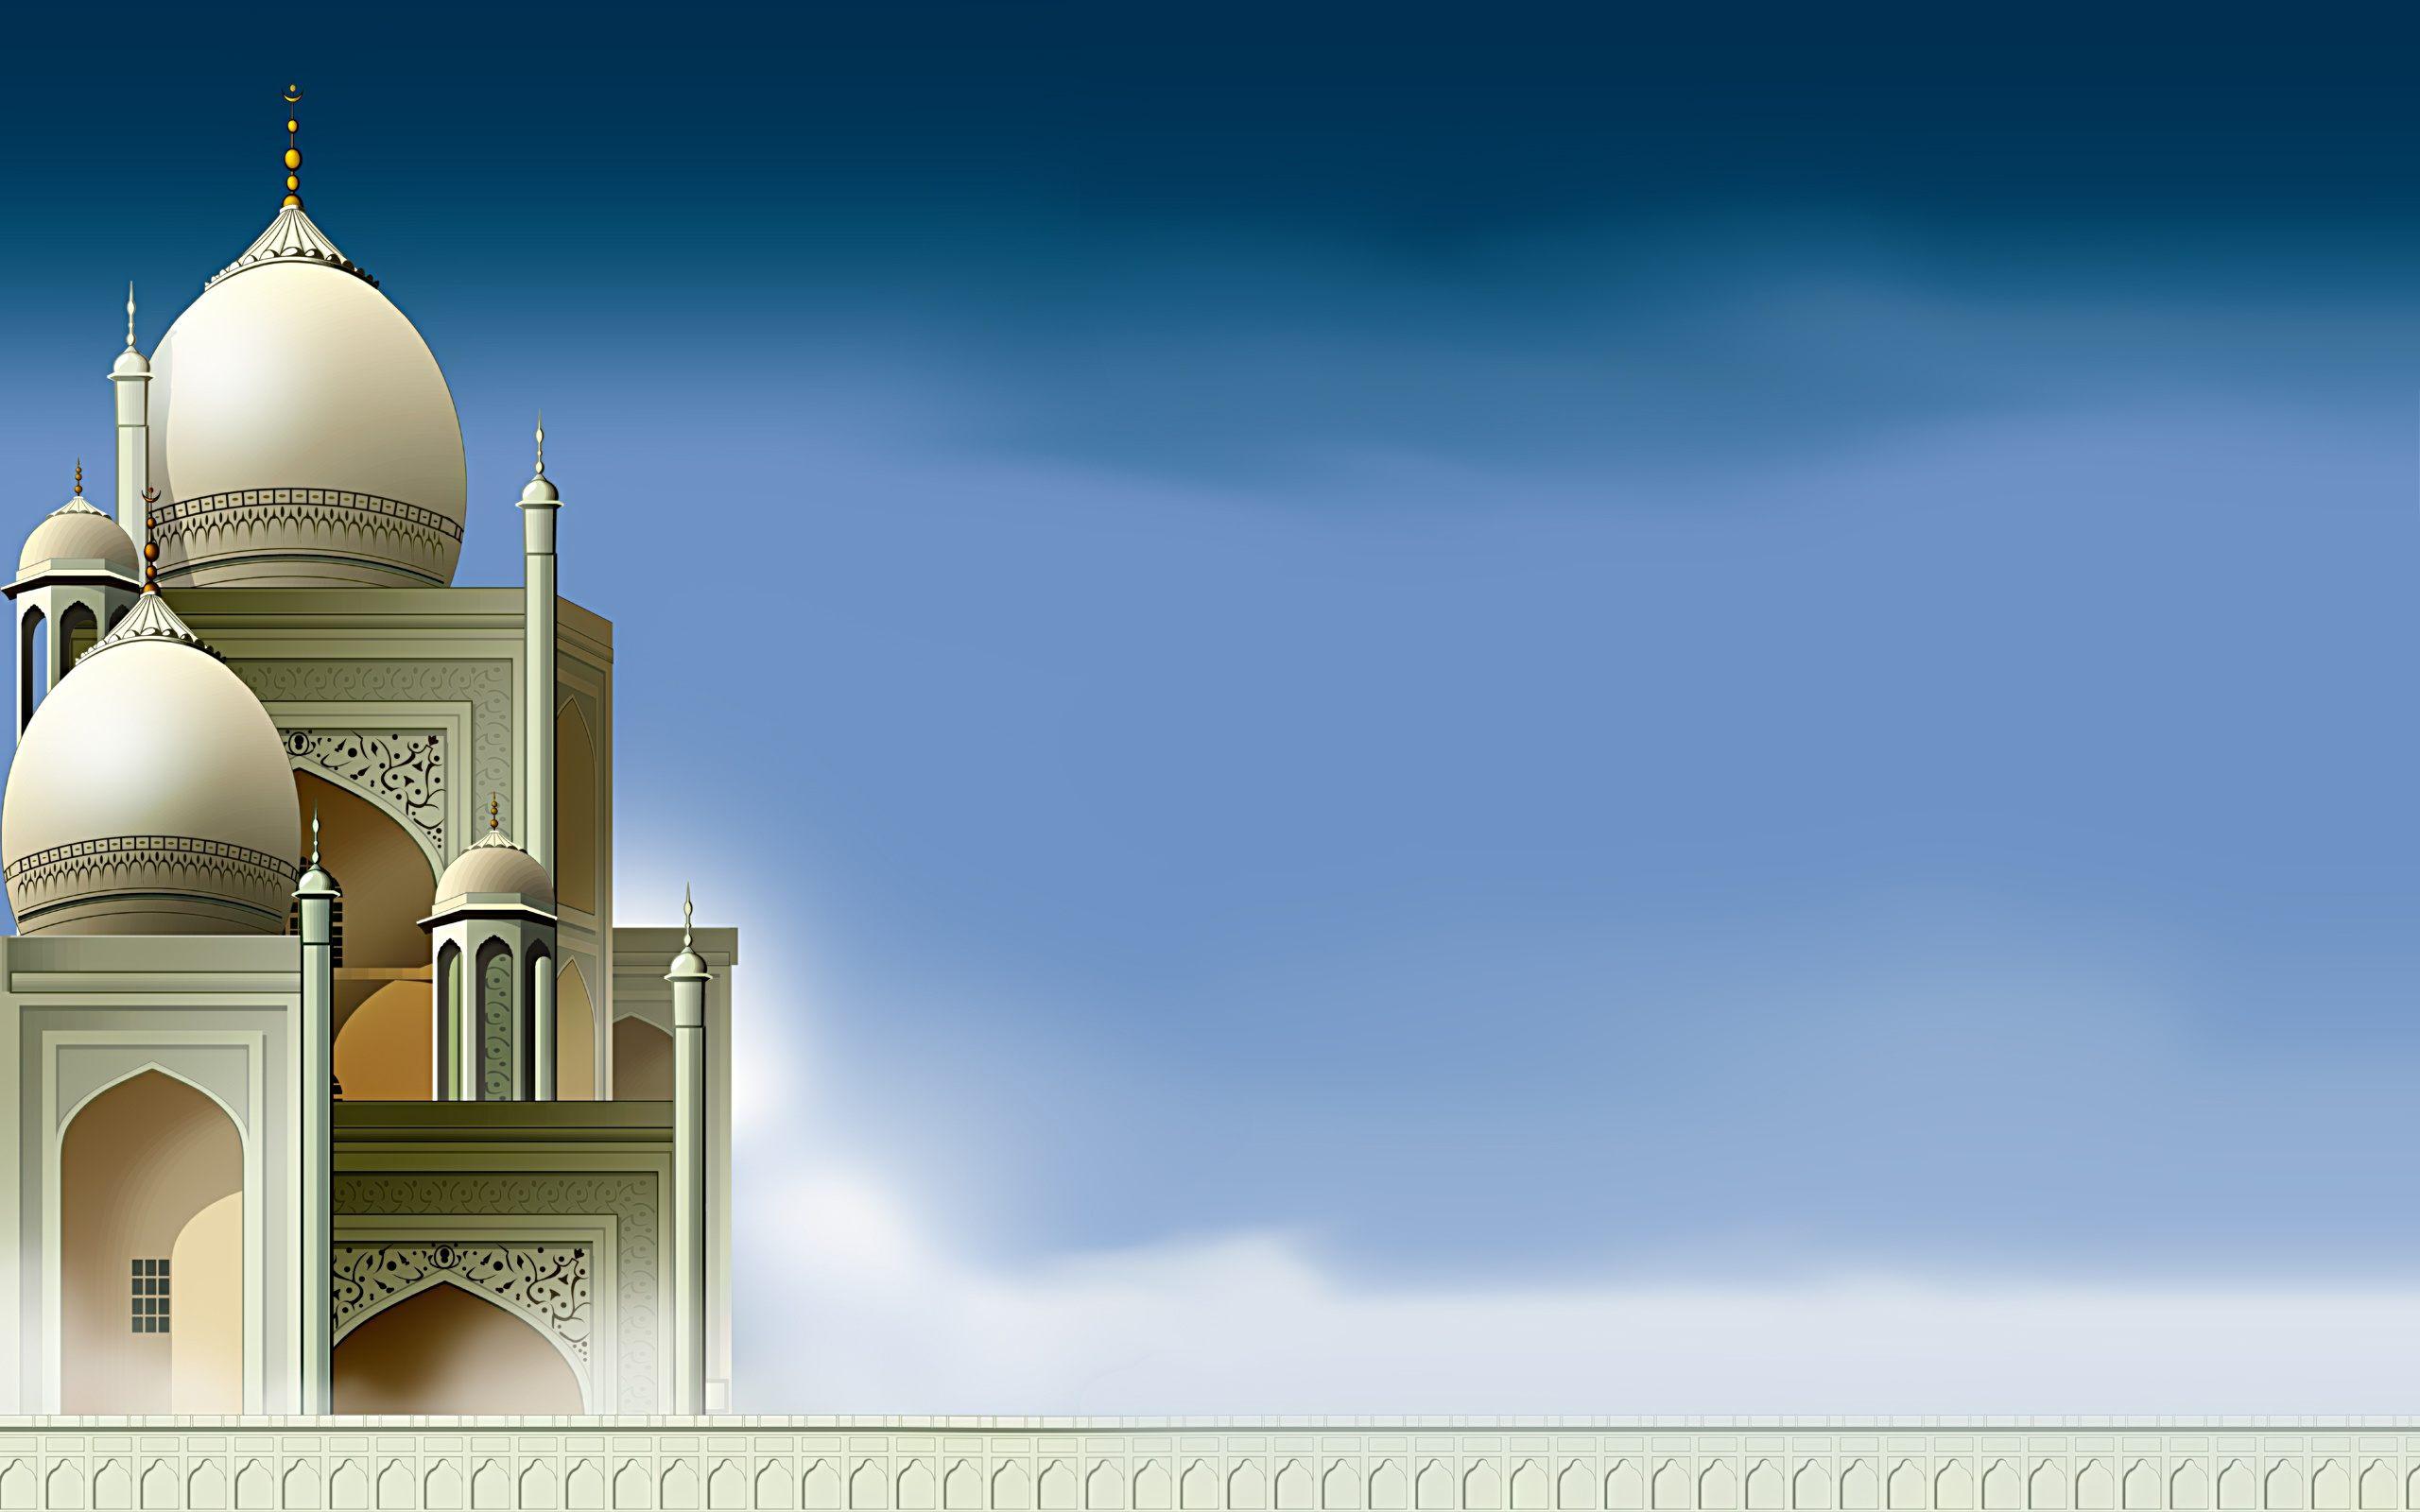 Hd wallpaper unique - Wallpaper Masjid Hd Wallpapersafari